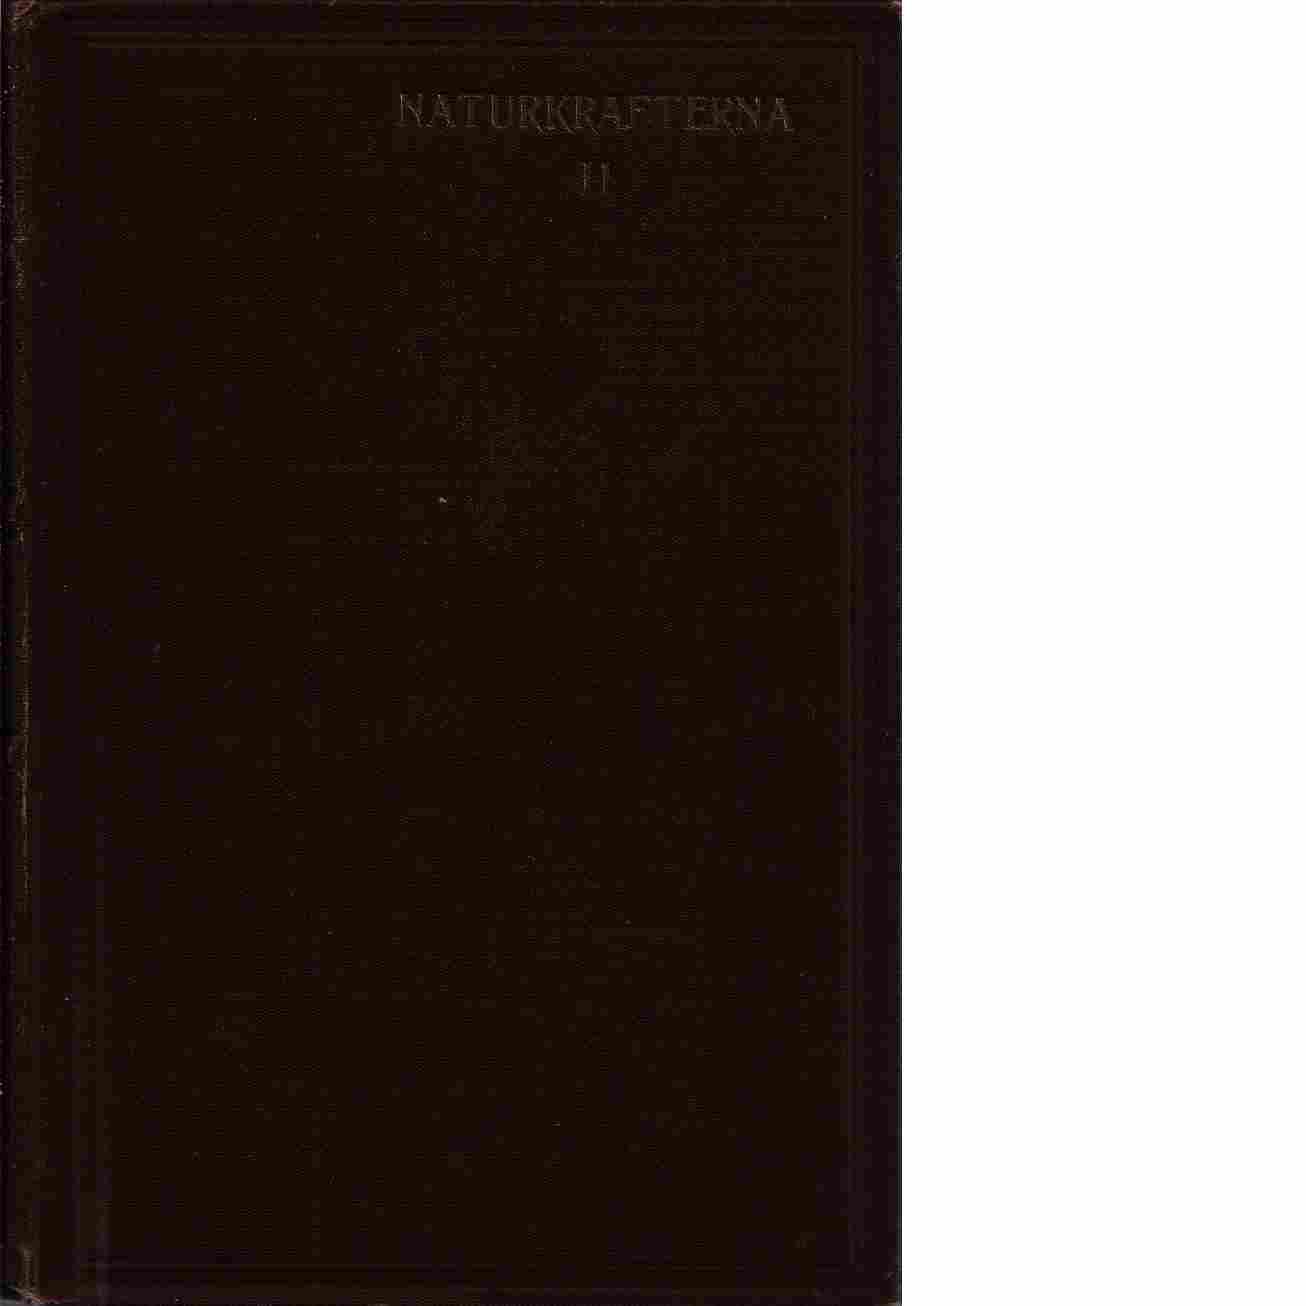 Naturkrafterna och deras användning. [2], De allmänna naturkrafterna. Fysikaliska och kemiska företeelser och deras tillämpning - Dumrath, Oscar Heinrich